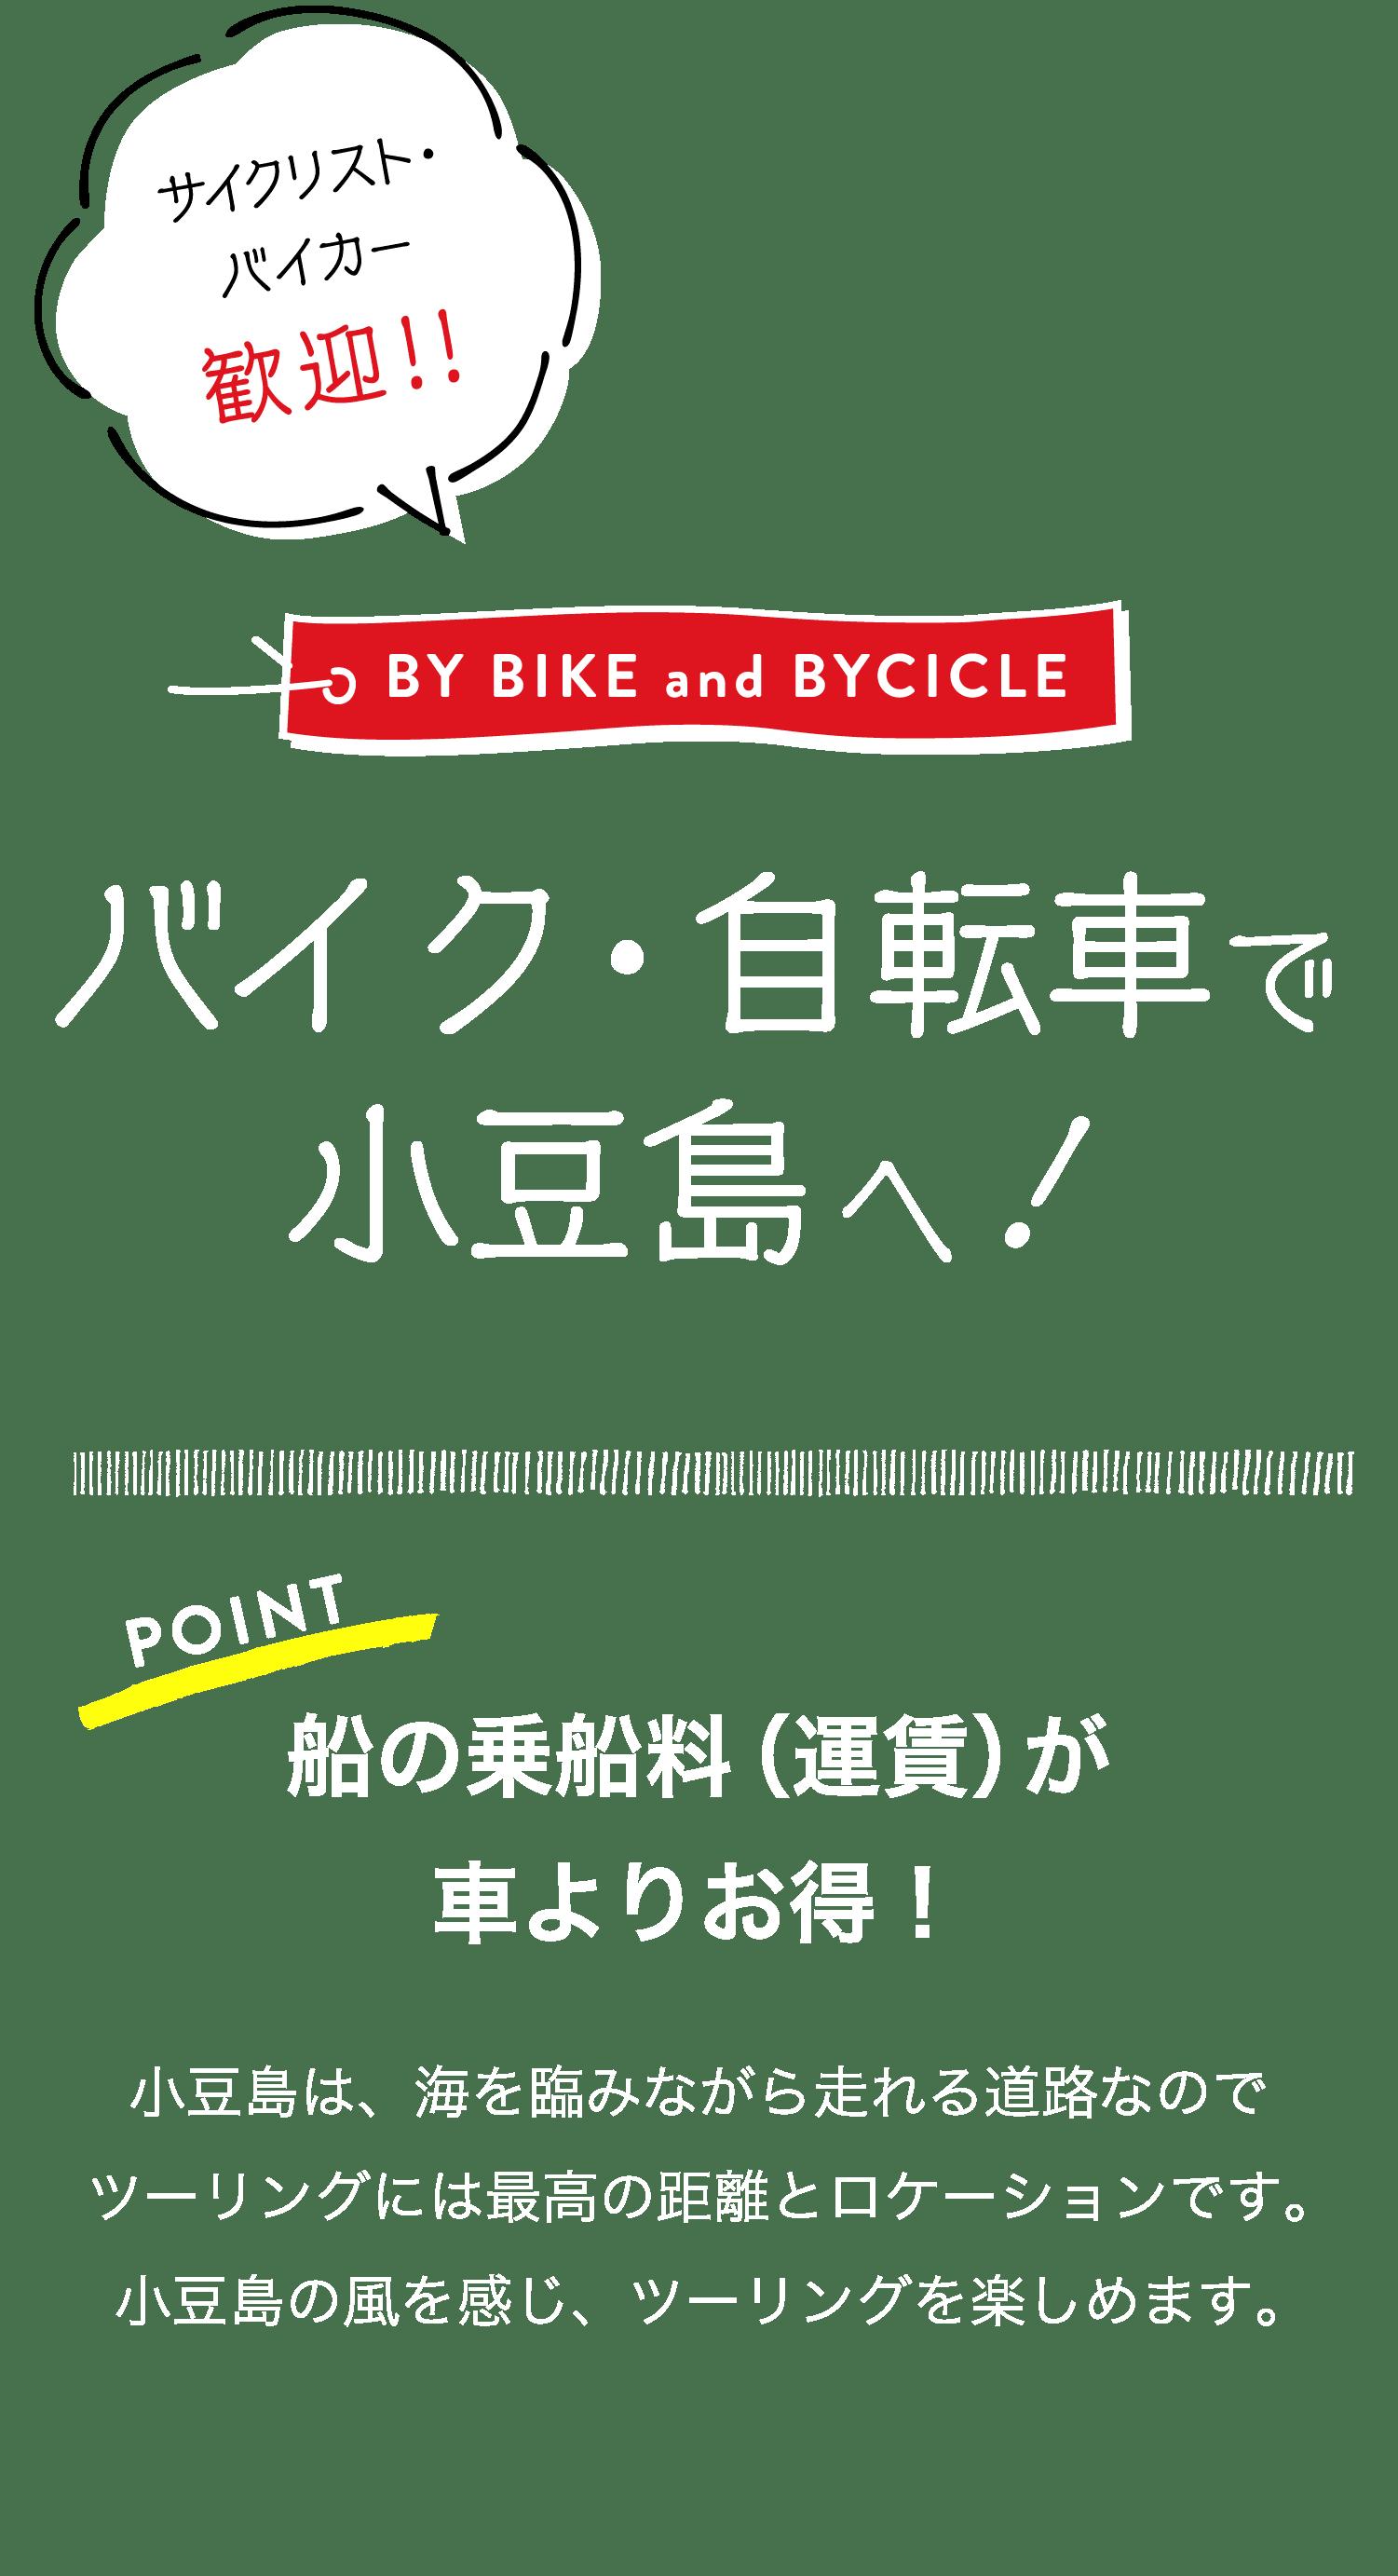 サイクリスト・バイカー歓迎!!BY BIKE and BYCICLEバイク・自転車で小豆島へ!POINT船の乗船料(運賃)が車よりお得!小豆島は、海を臨みながら走れる道路なのでツーリングには最高の距離とロケーションです。小豆島の風を感じ、ツーリングを楽しめます。